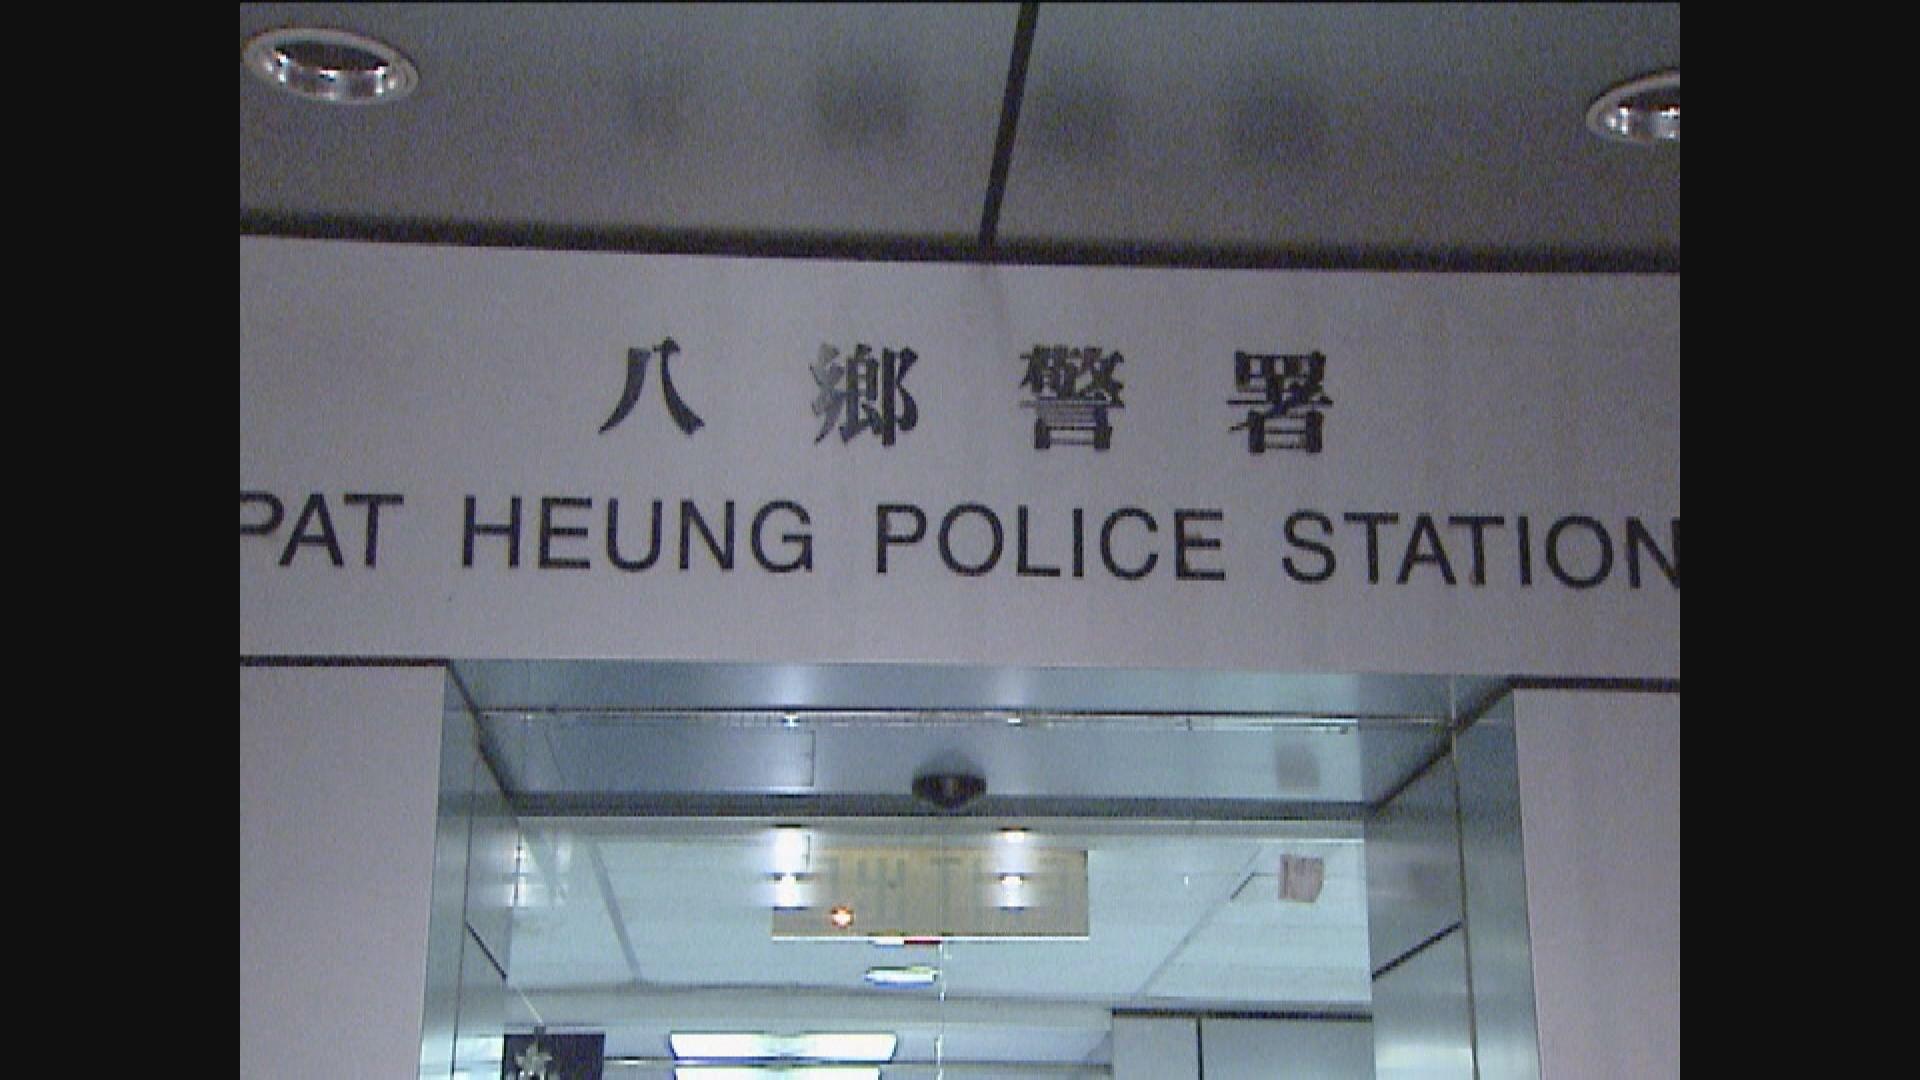 據了解五名軍裝接觸過李偲嫣 現於警署房間內待衞生署指示